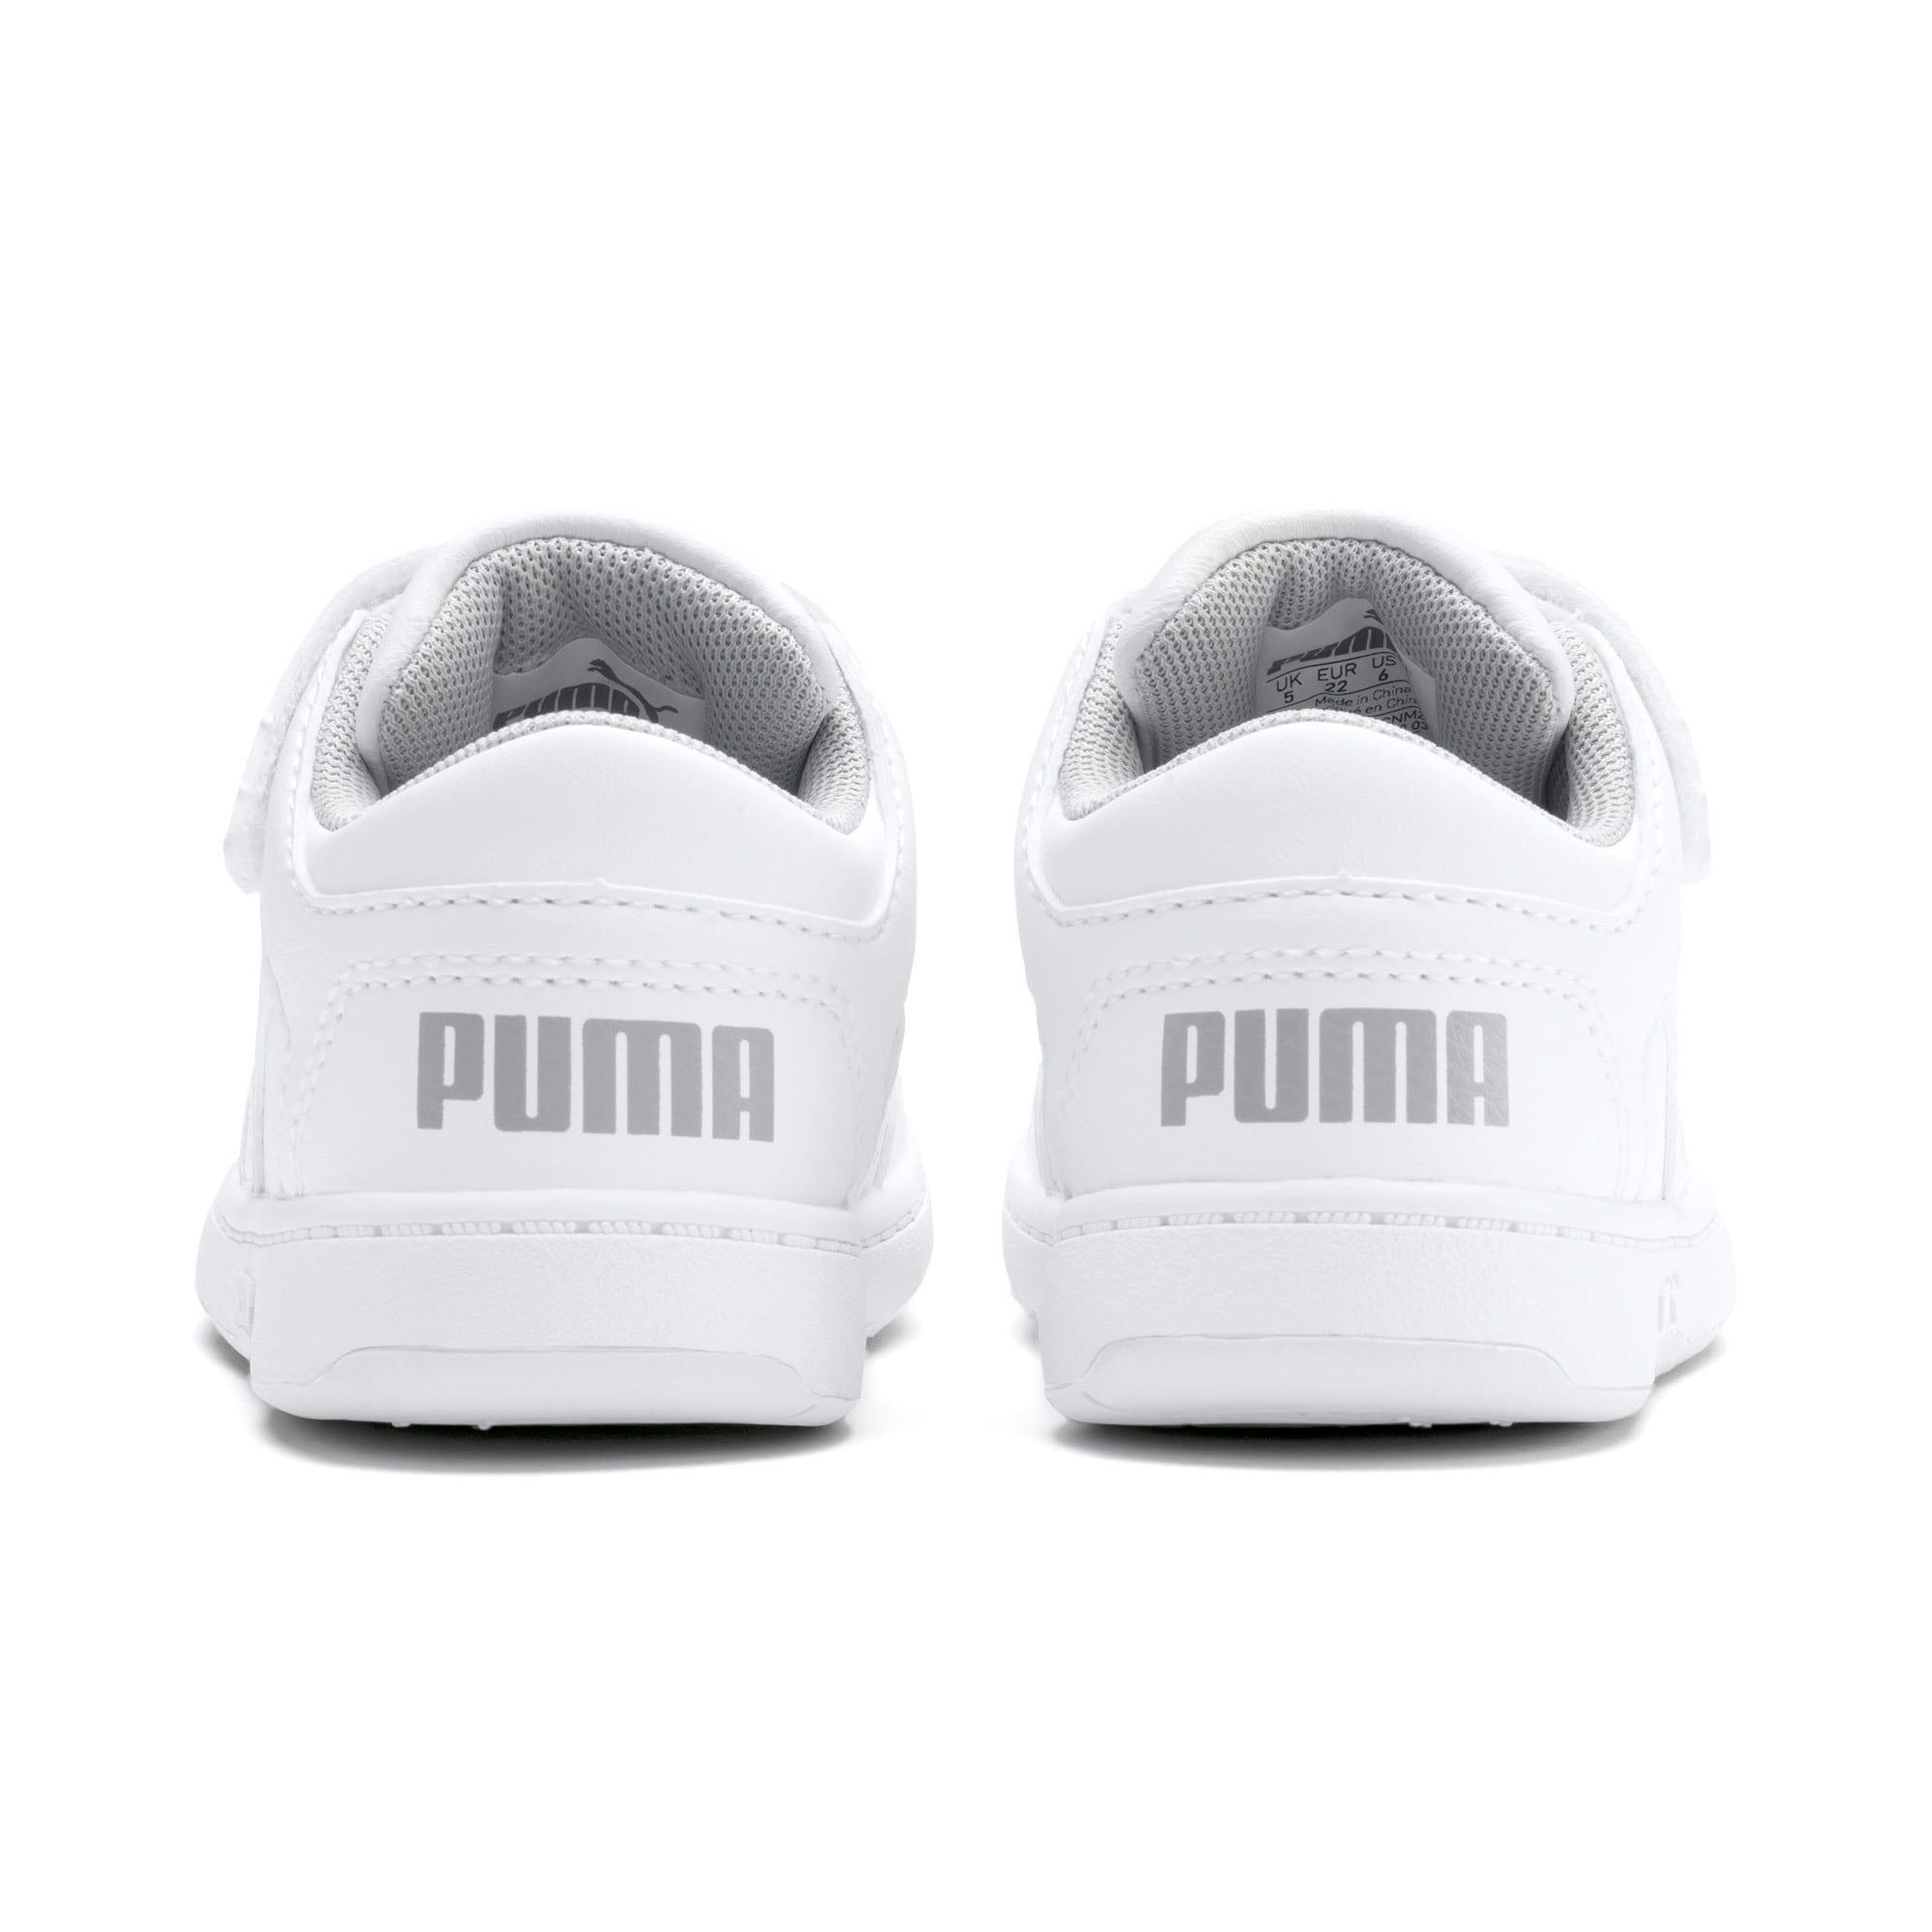 Miniatura 3 de Zapatos deportivos PUMA Rebound LayUp Lo para INF, Puma White-High Rise, mediano